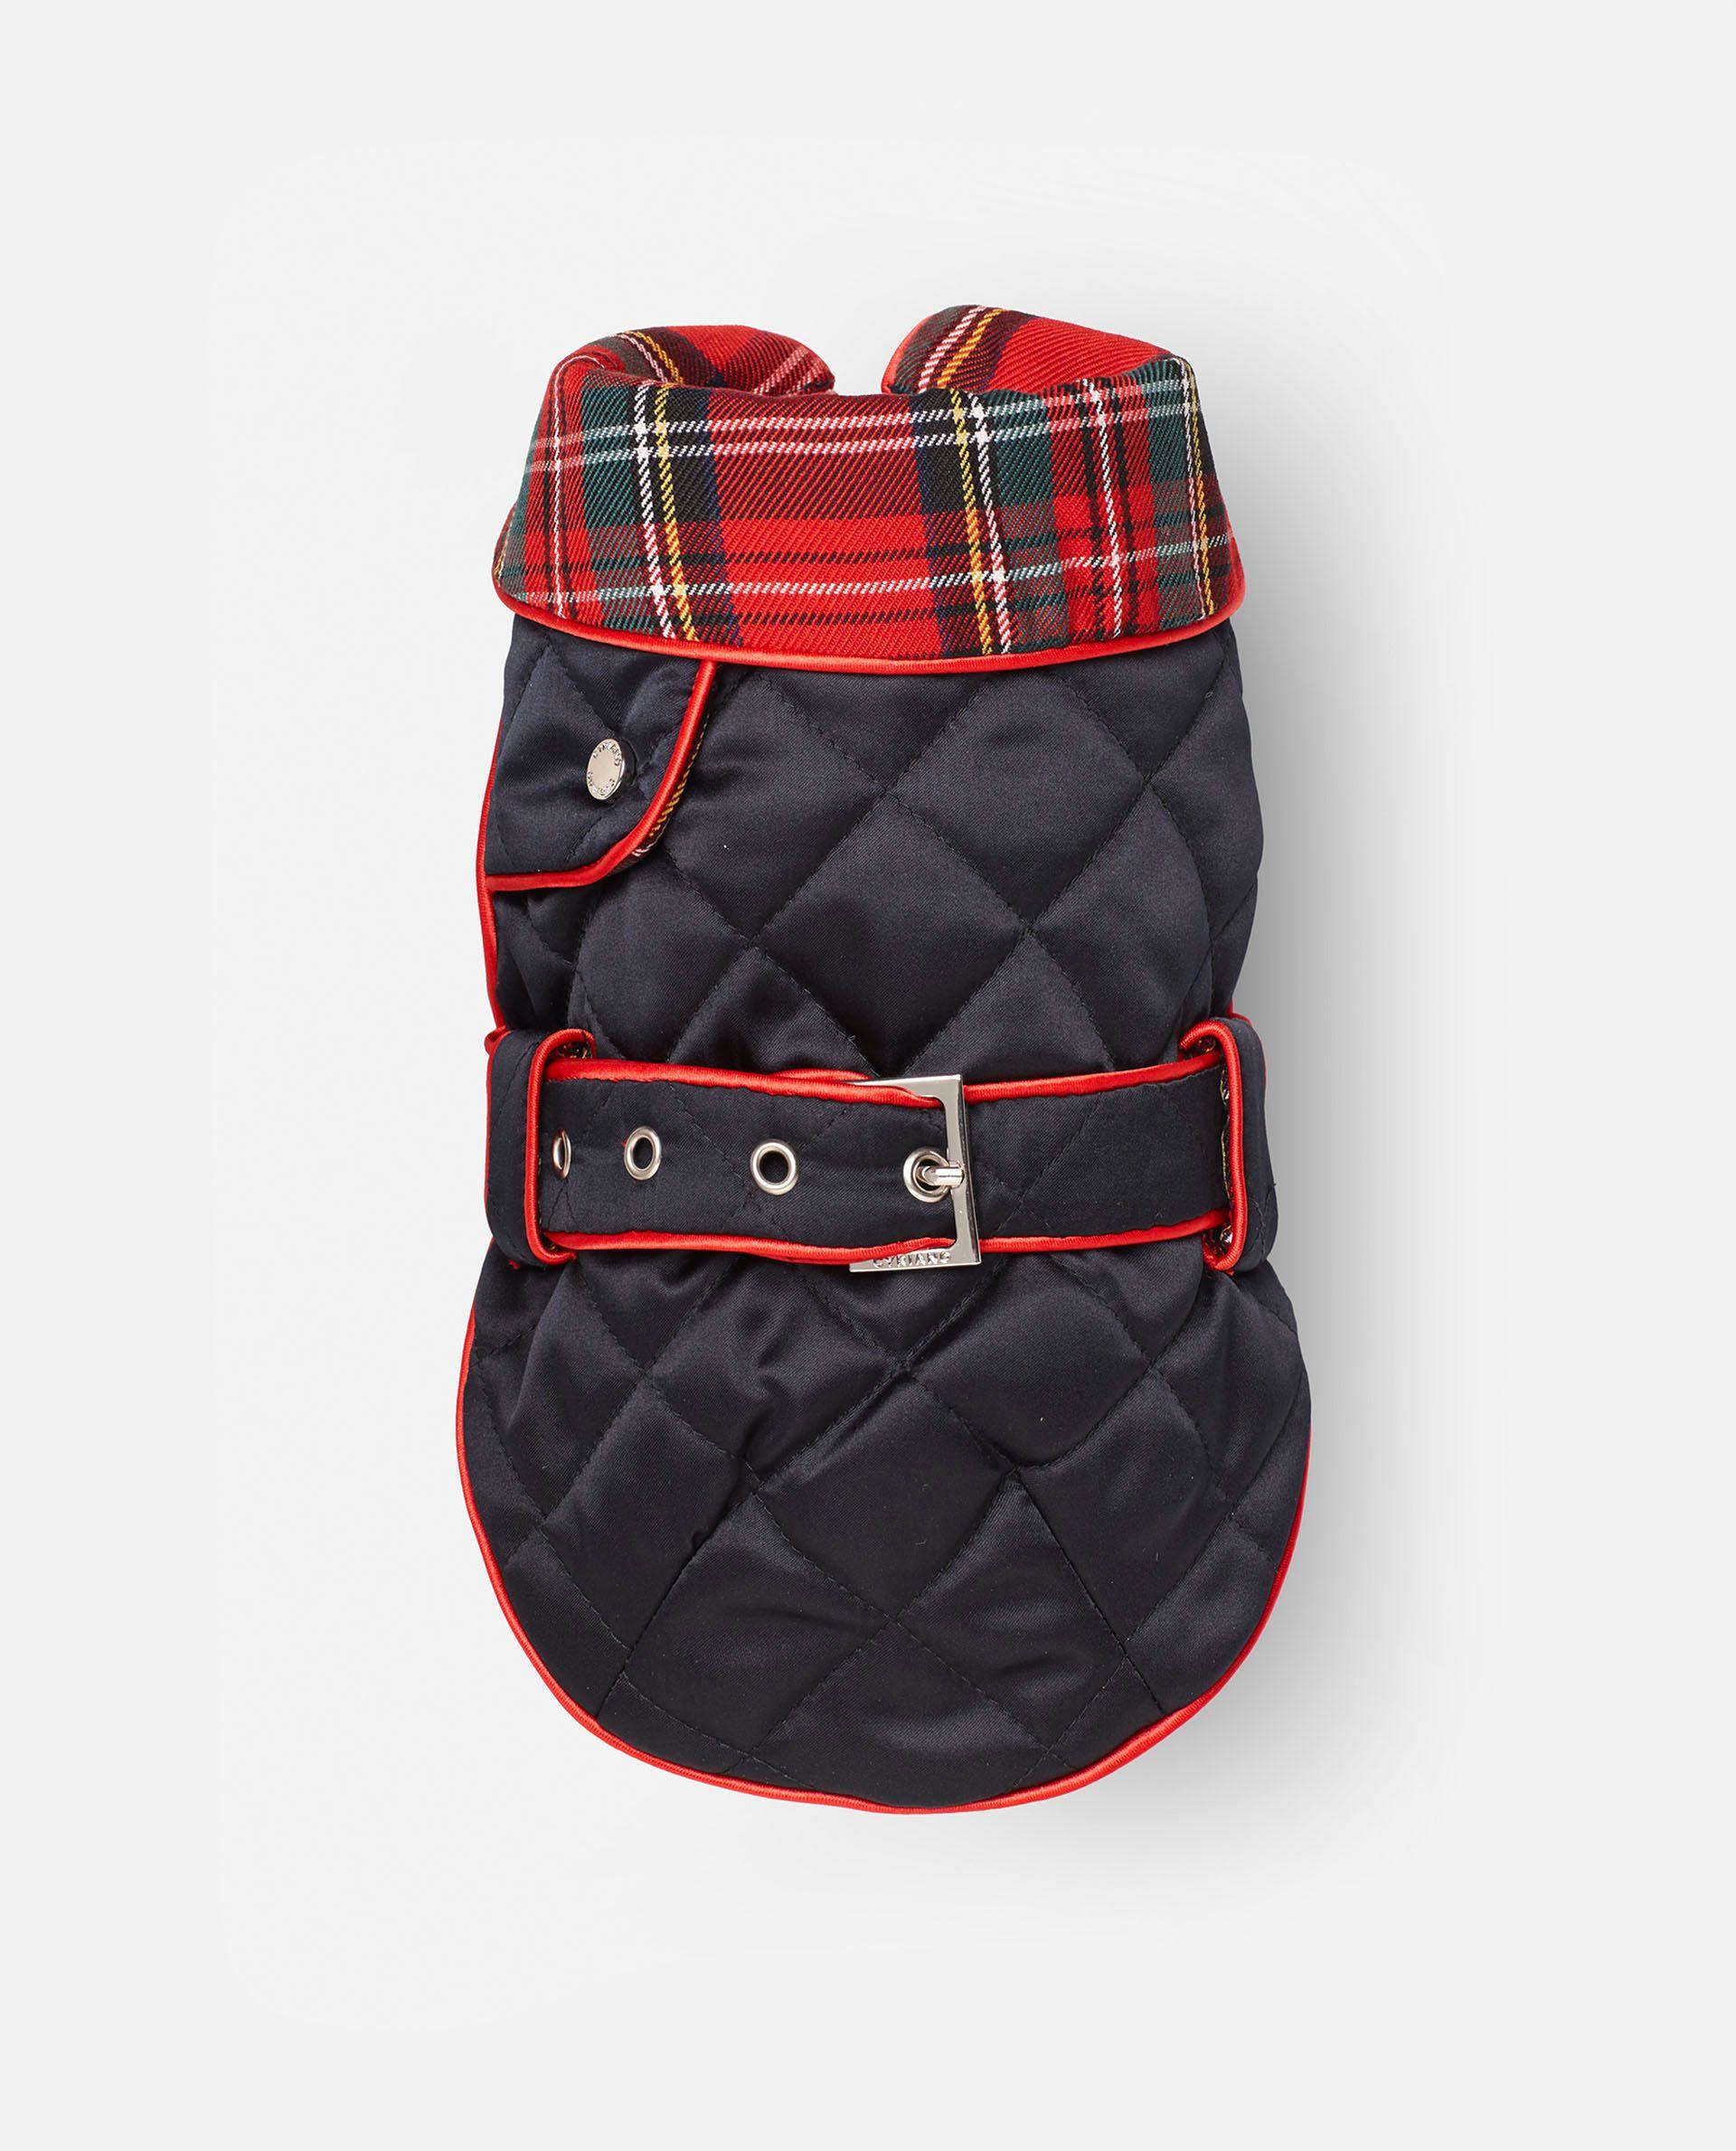 Abrigo Vera - Rojo. Abrigo para perro con tejido acolchado ...